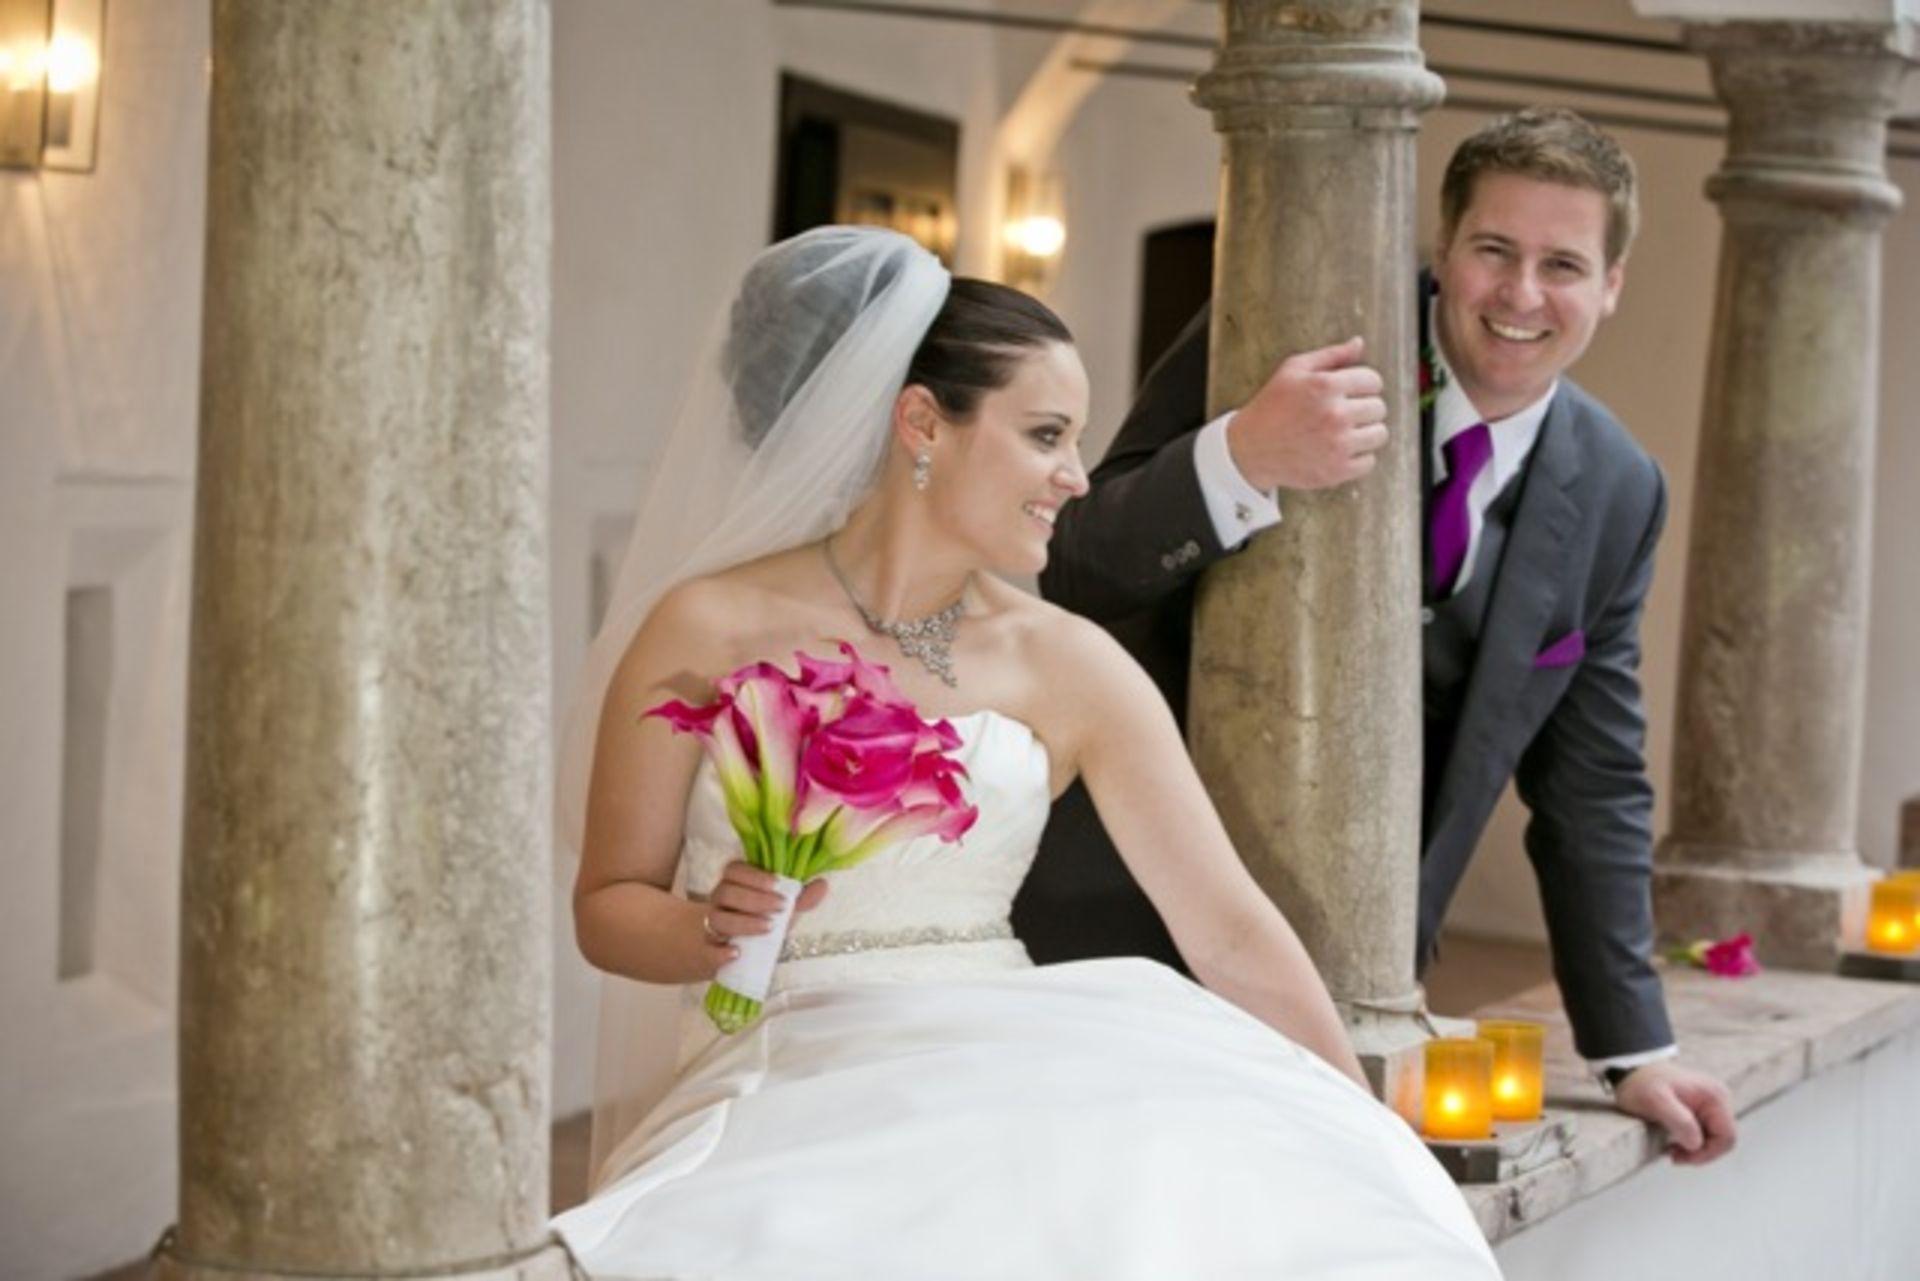 524e7c5cd48739 Jede Hochzeit ist ein Gesamtkunstwerk kreativer Ideen und eigener  Vorstellungen